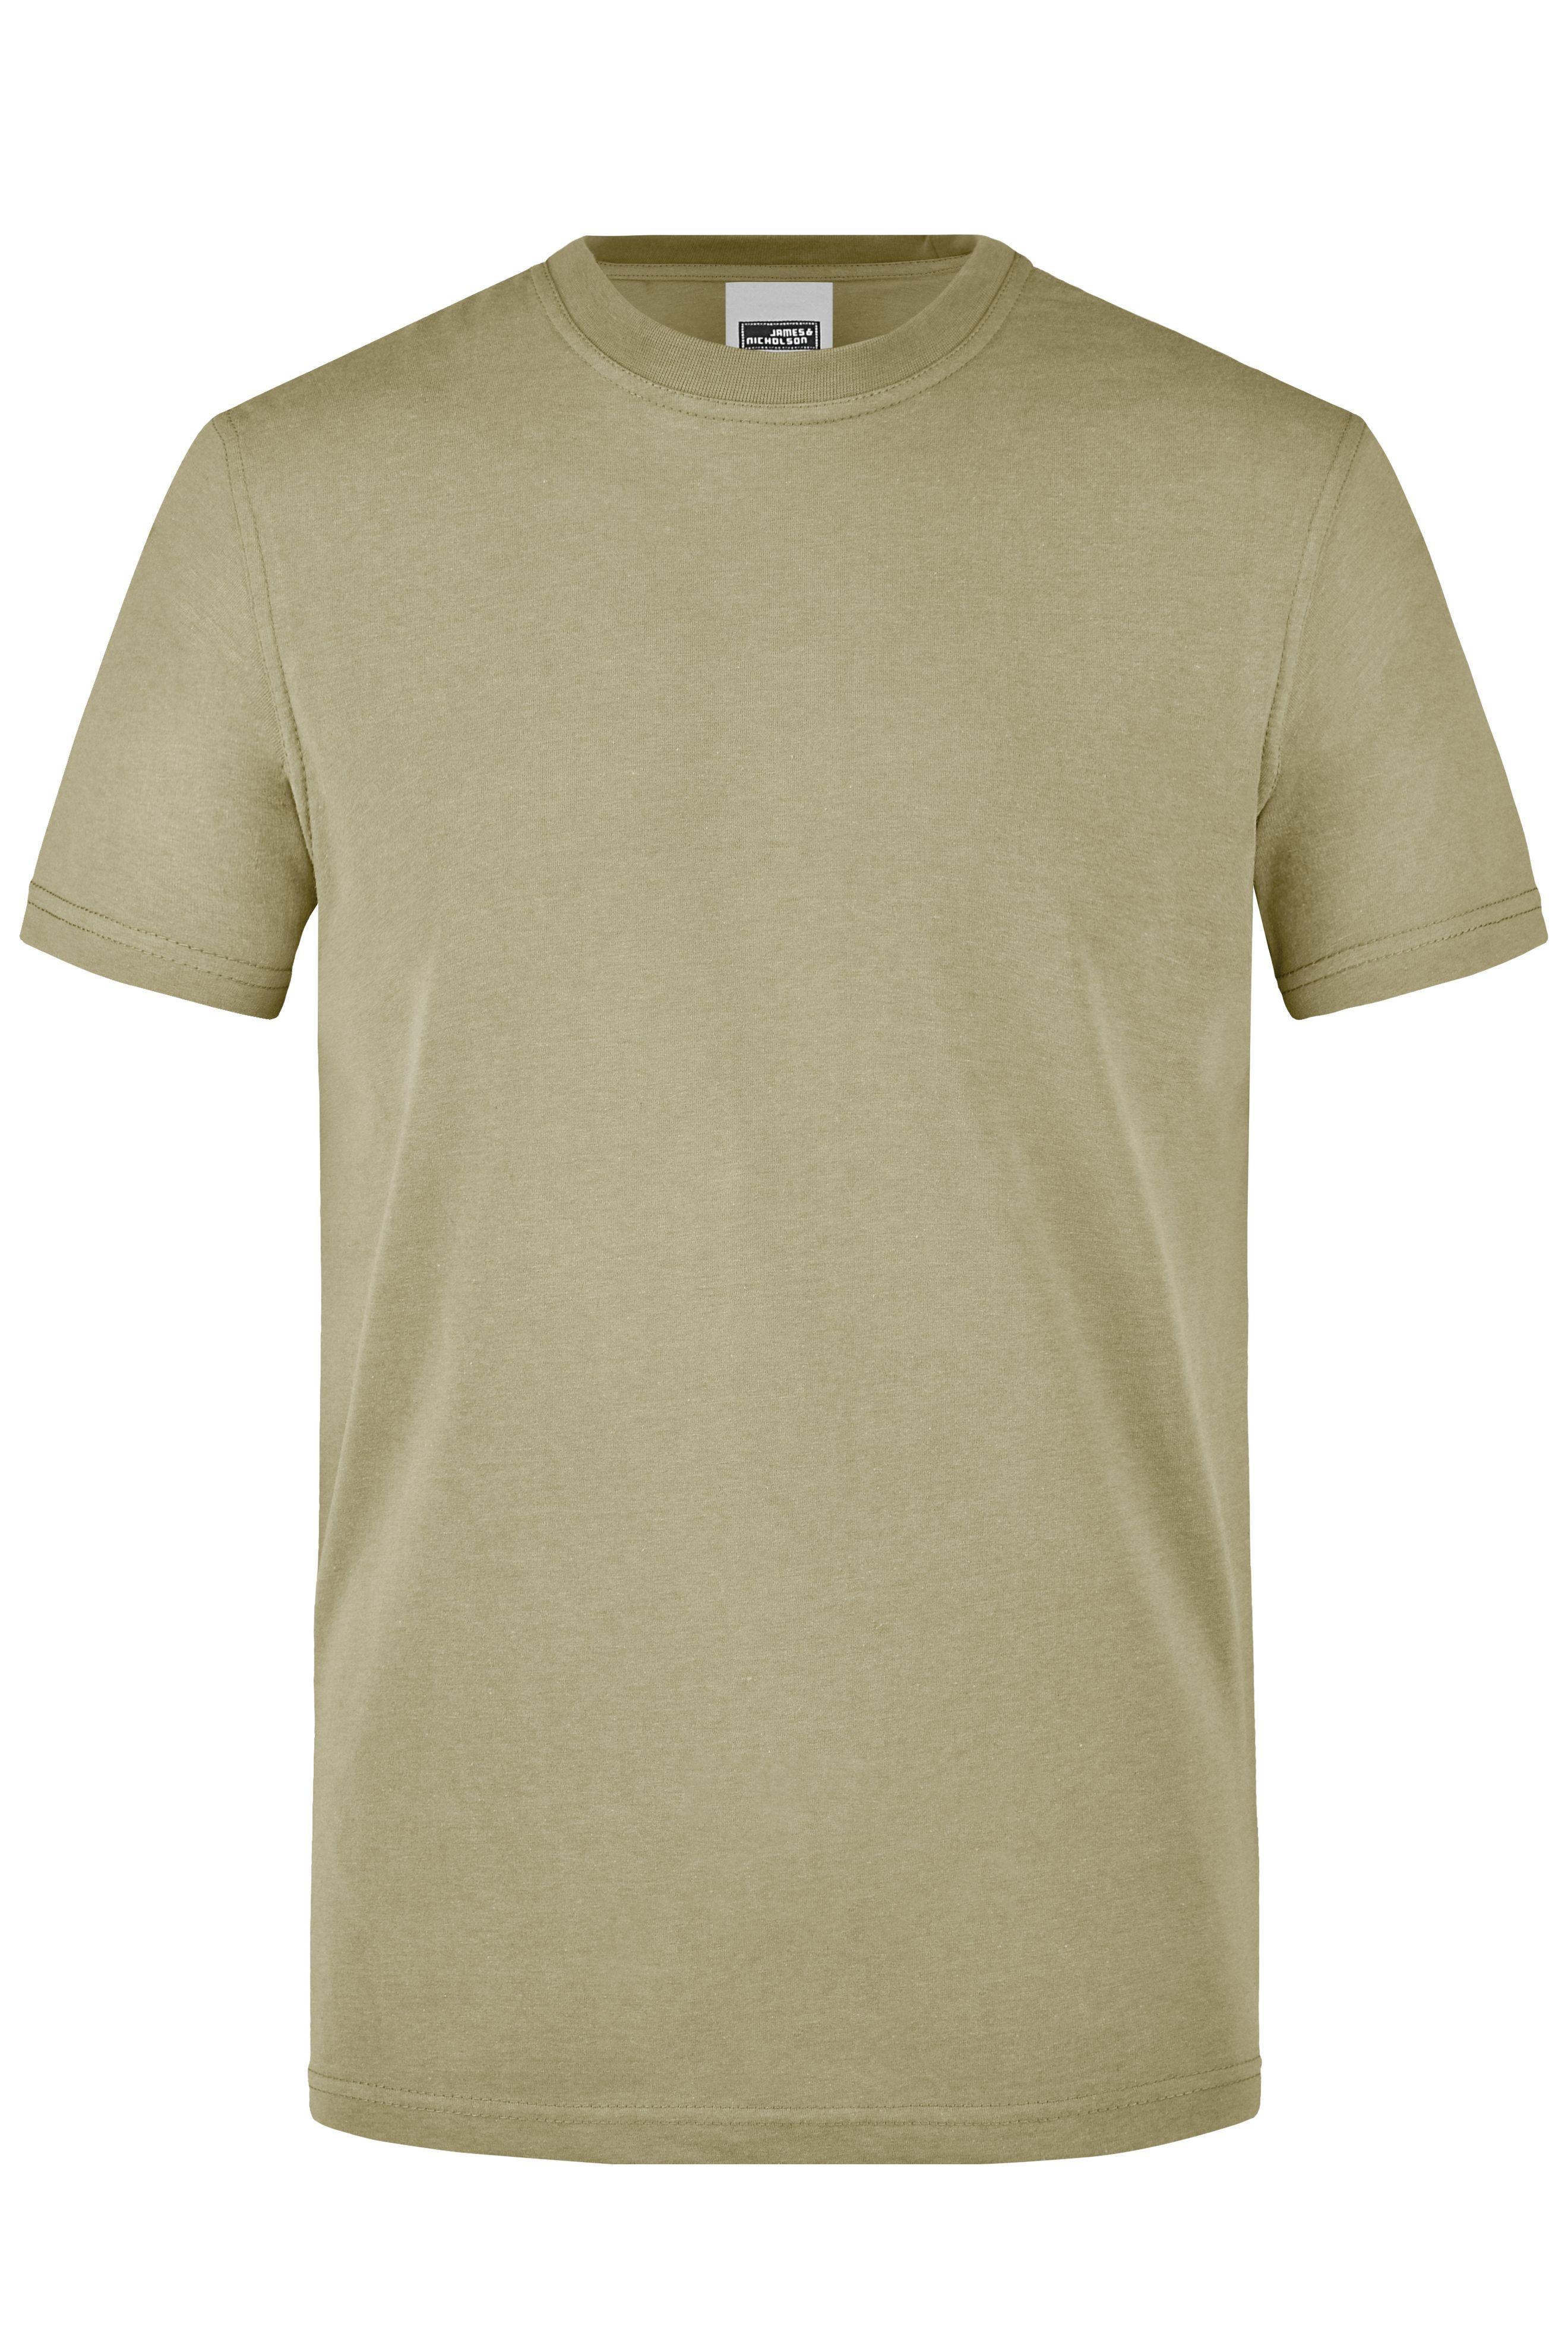 Strapazierfähiges und pflegeleichtes T-Shirt